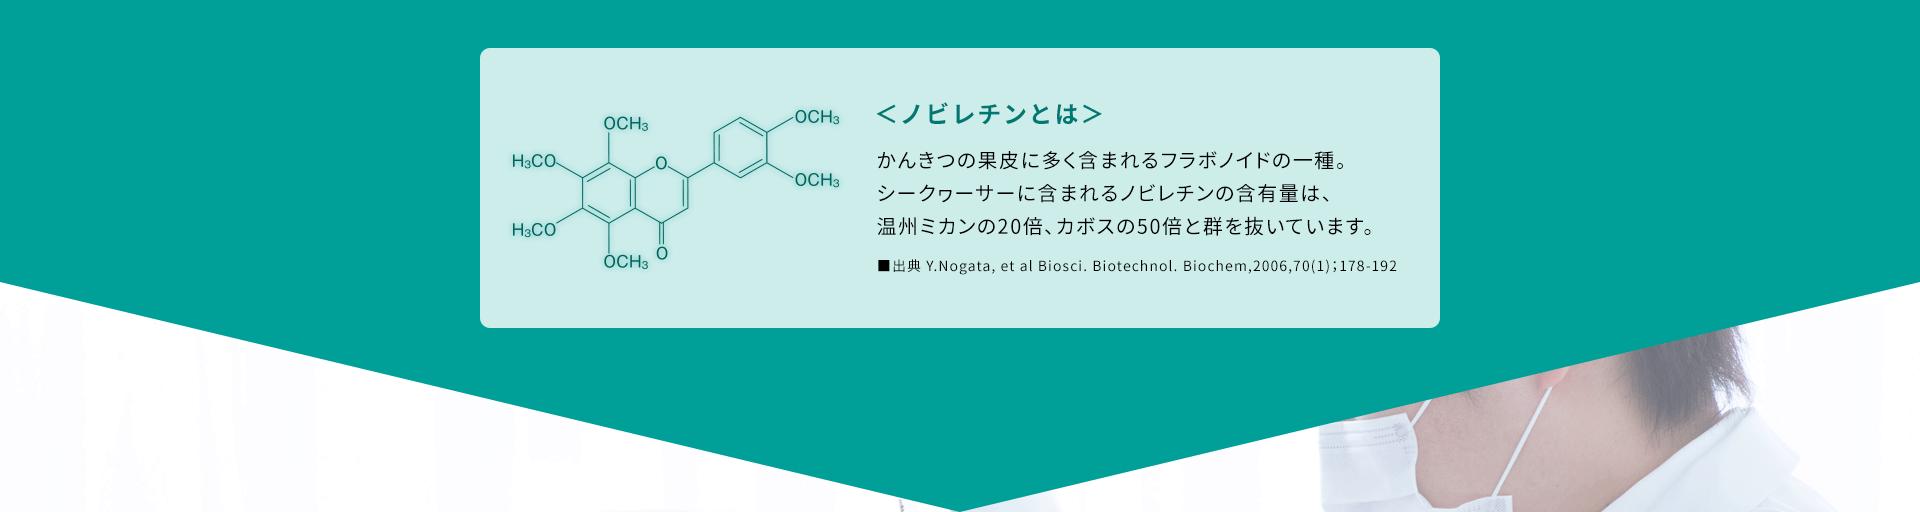 <ノビレチンとは>かんきつの果皮に多く含まれるフラボノイドの一種。シークヮーサーに含まれるノビレチンの含有量は、温州ミカンの20倍、カボスの50倍と群を抜いています。■出典 Y.Nogata, et al Biosci. Biotechnol. Biochem,2006,70(1);178-192